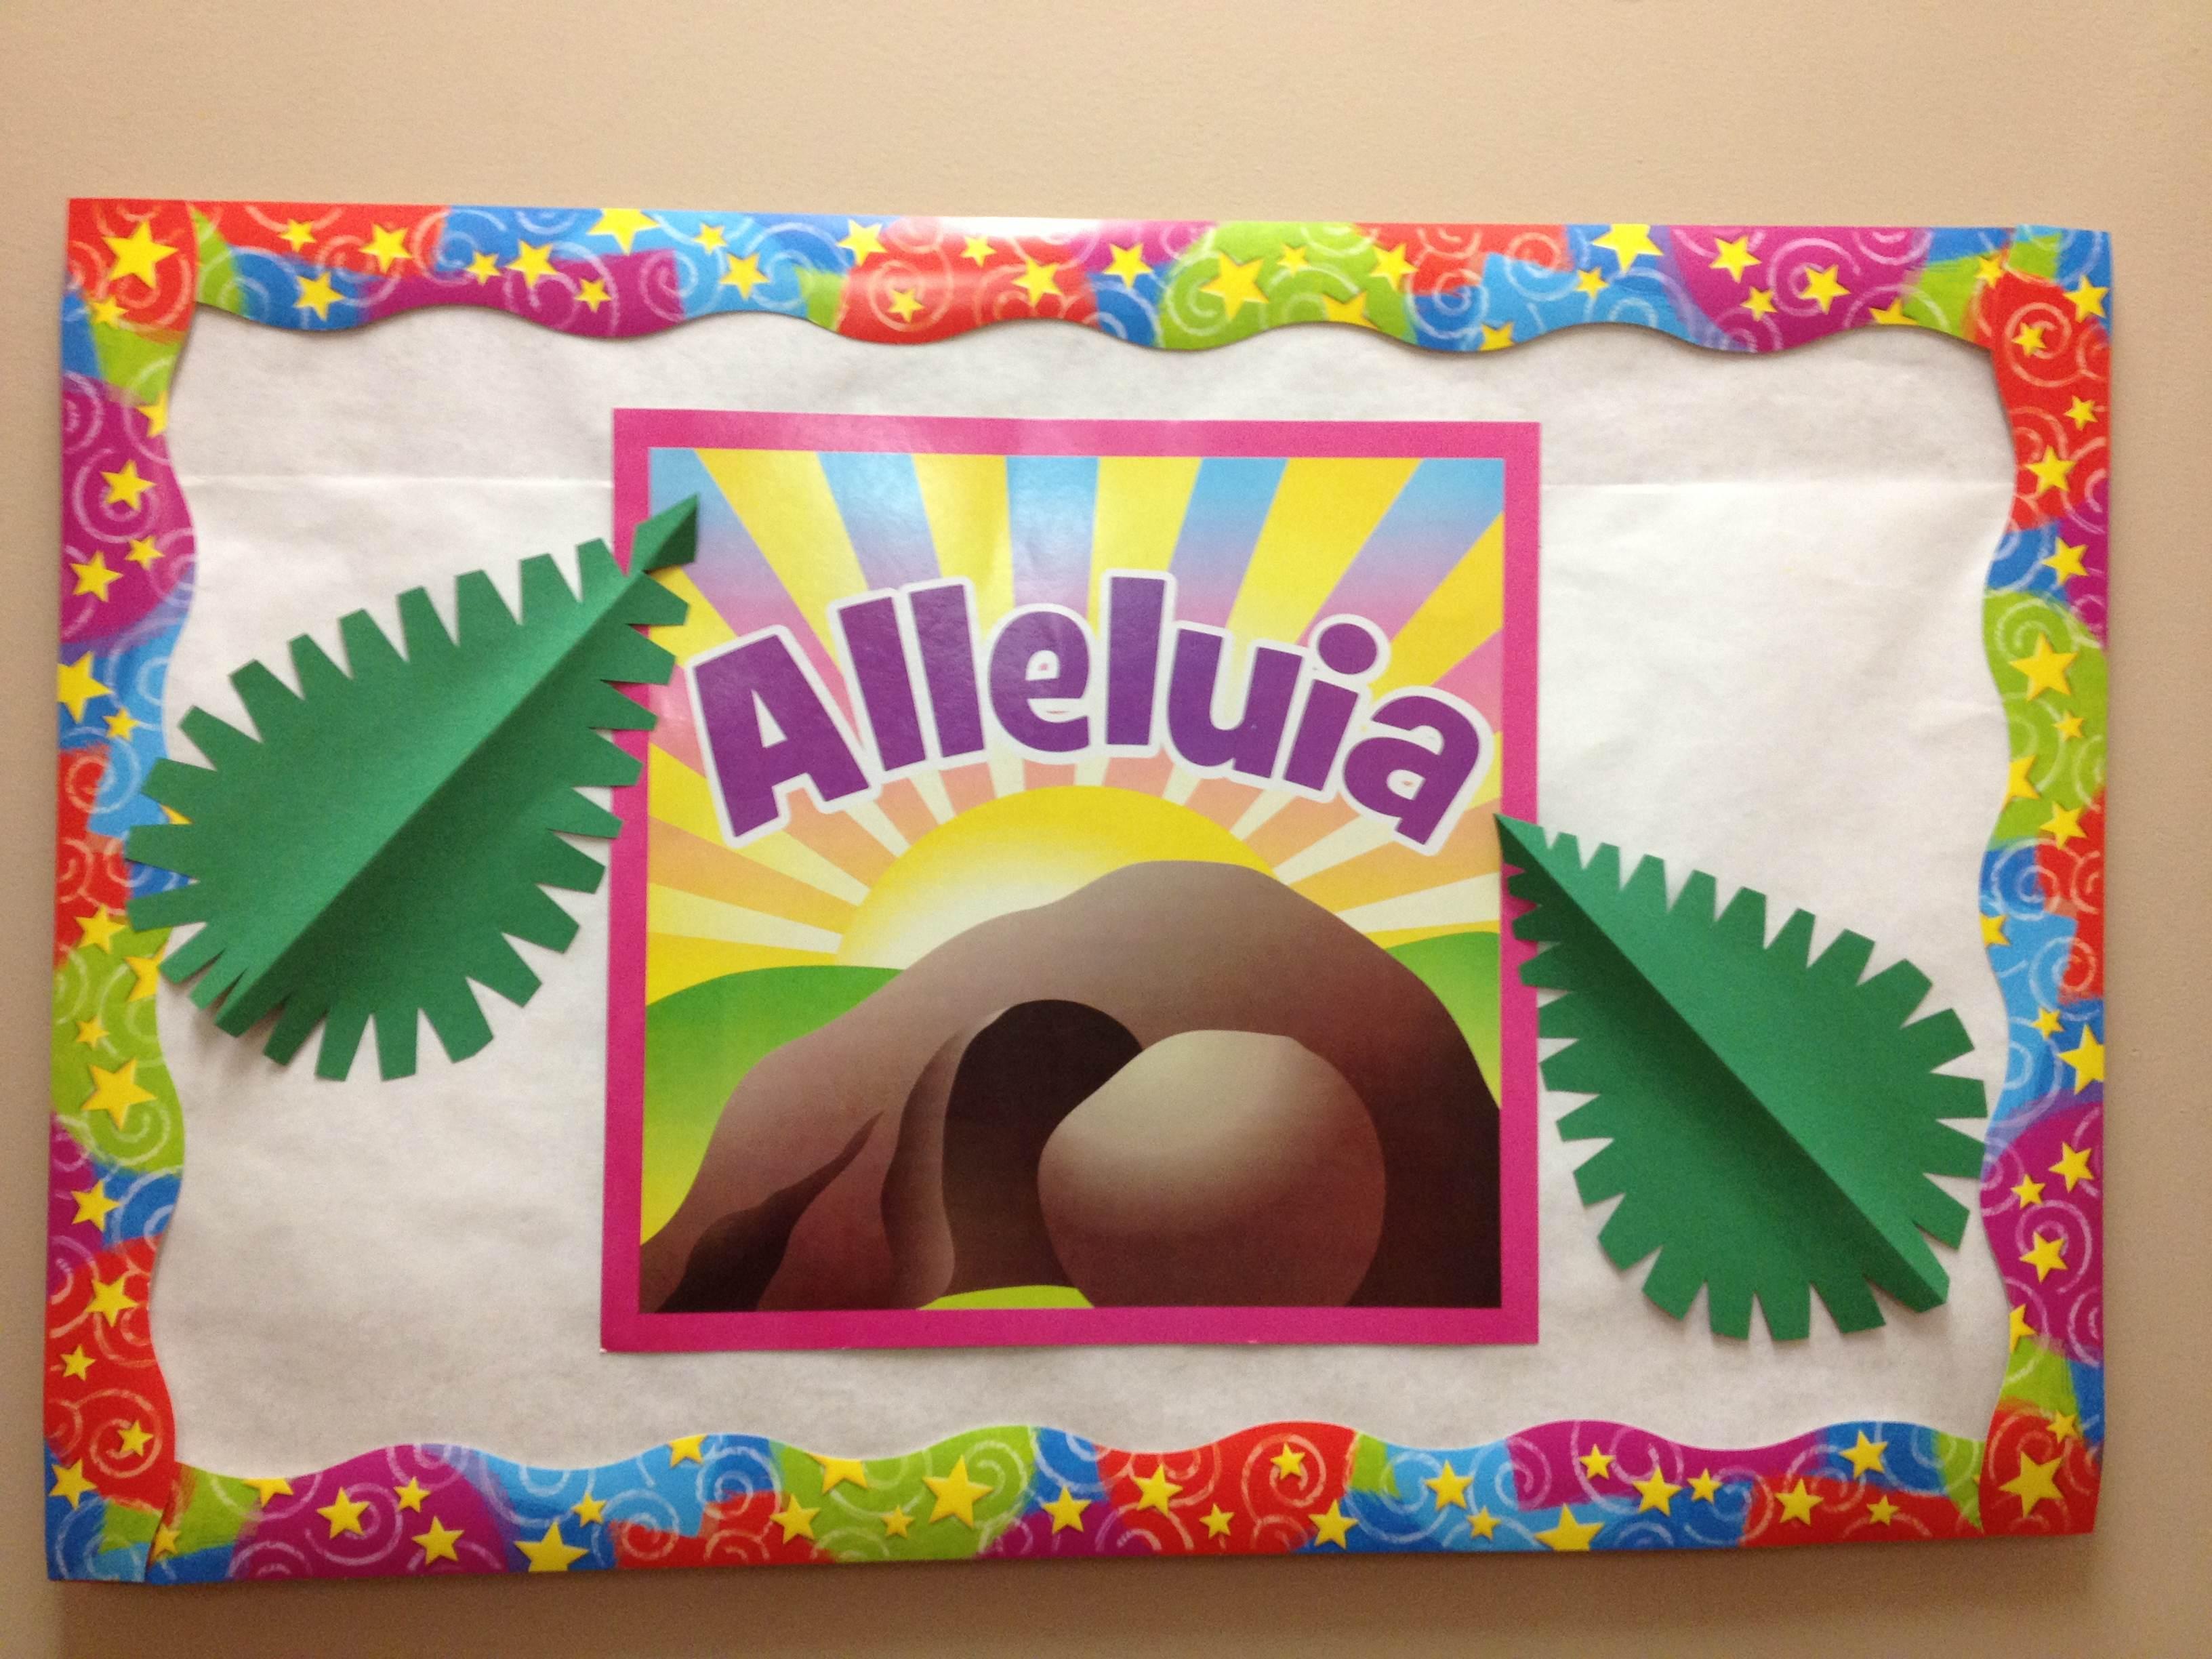 Simple Science Projects Alleluia Bulletin Board Bulletin Board Ideas When One Two Learn Poster Board Ideas S Poster Board Ideas ideas Poster Board Ideas